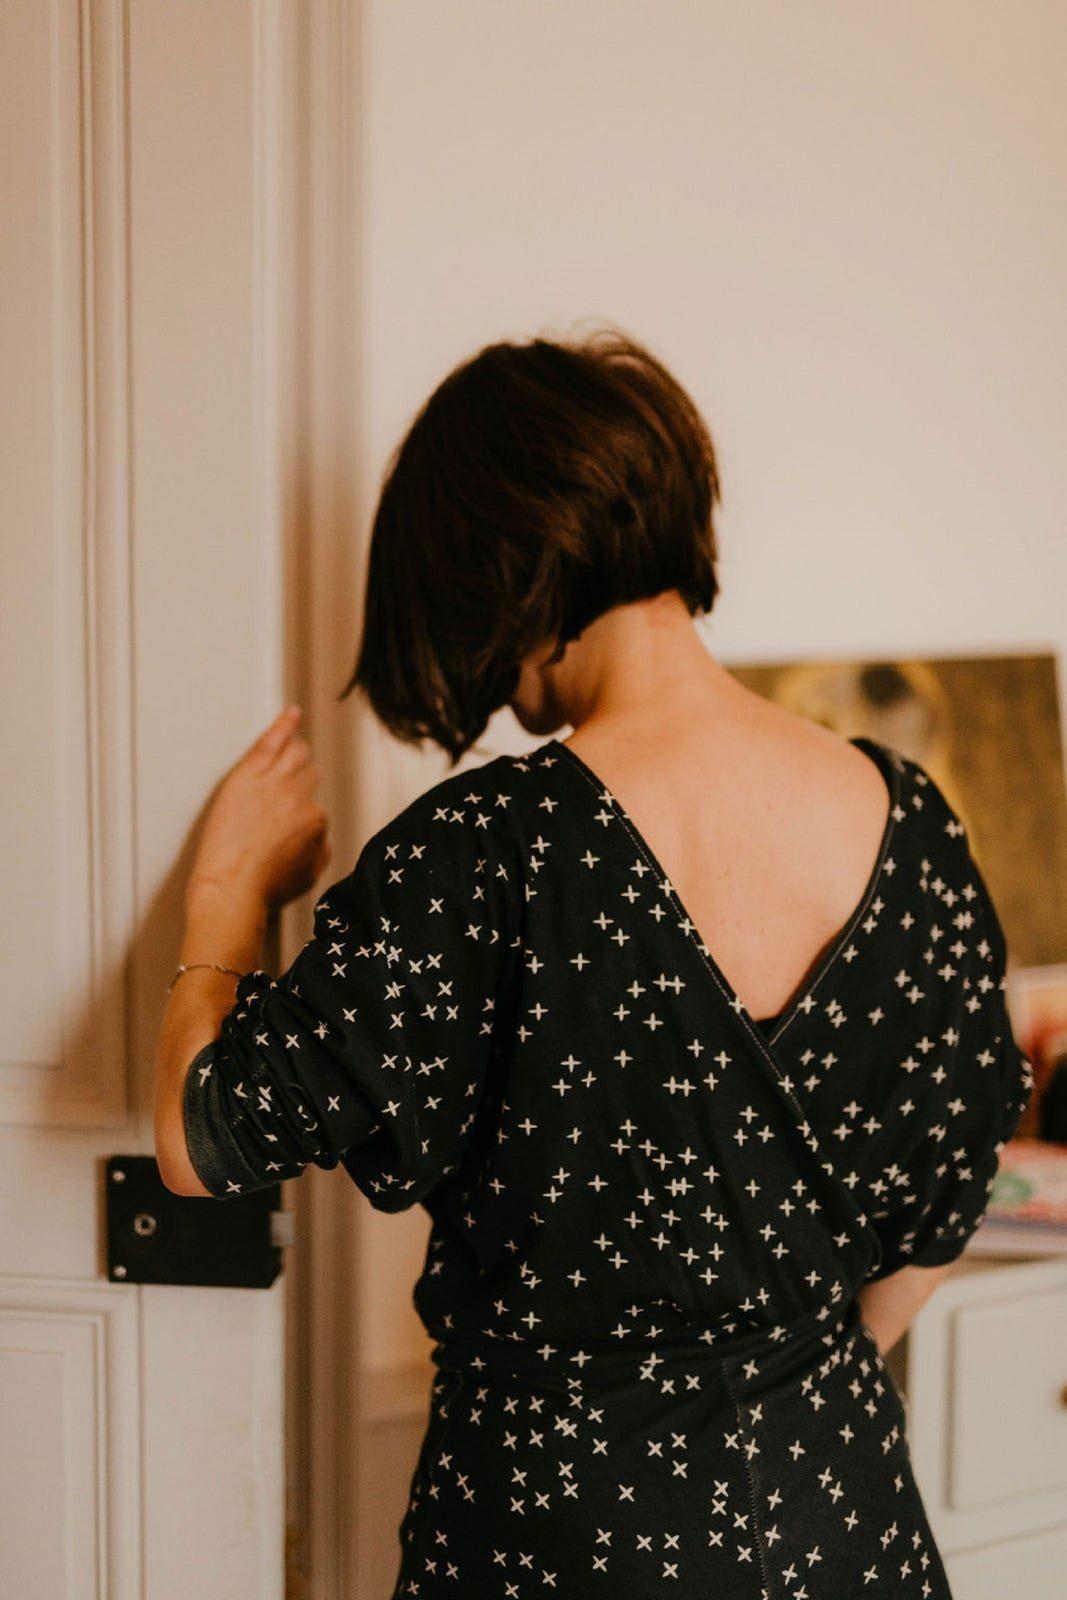 Un_tresor_dans_mon_placard-coaching_vestimentaire-objectif_garde-ideale-AnaisNanniniphotographe